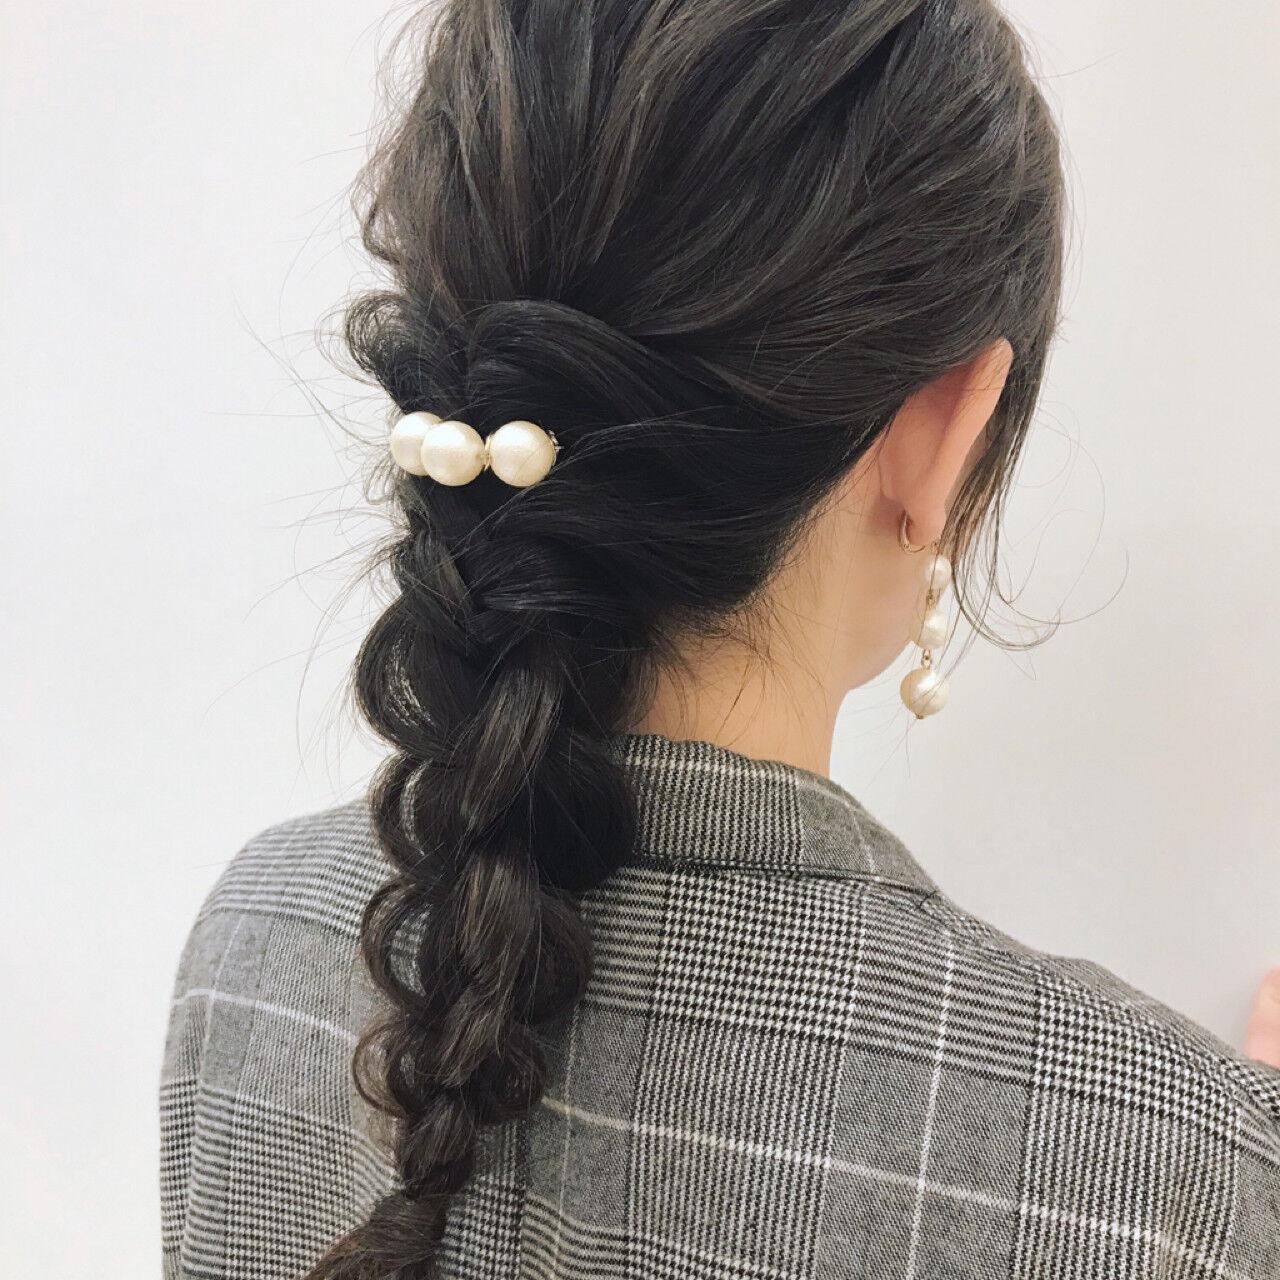 ナチュラル ウェーブ 結婚式 ミディアムヘアスタイルや髪型の写真・画像